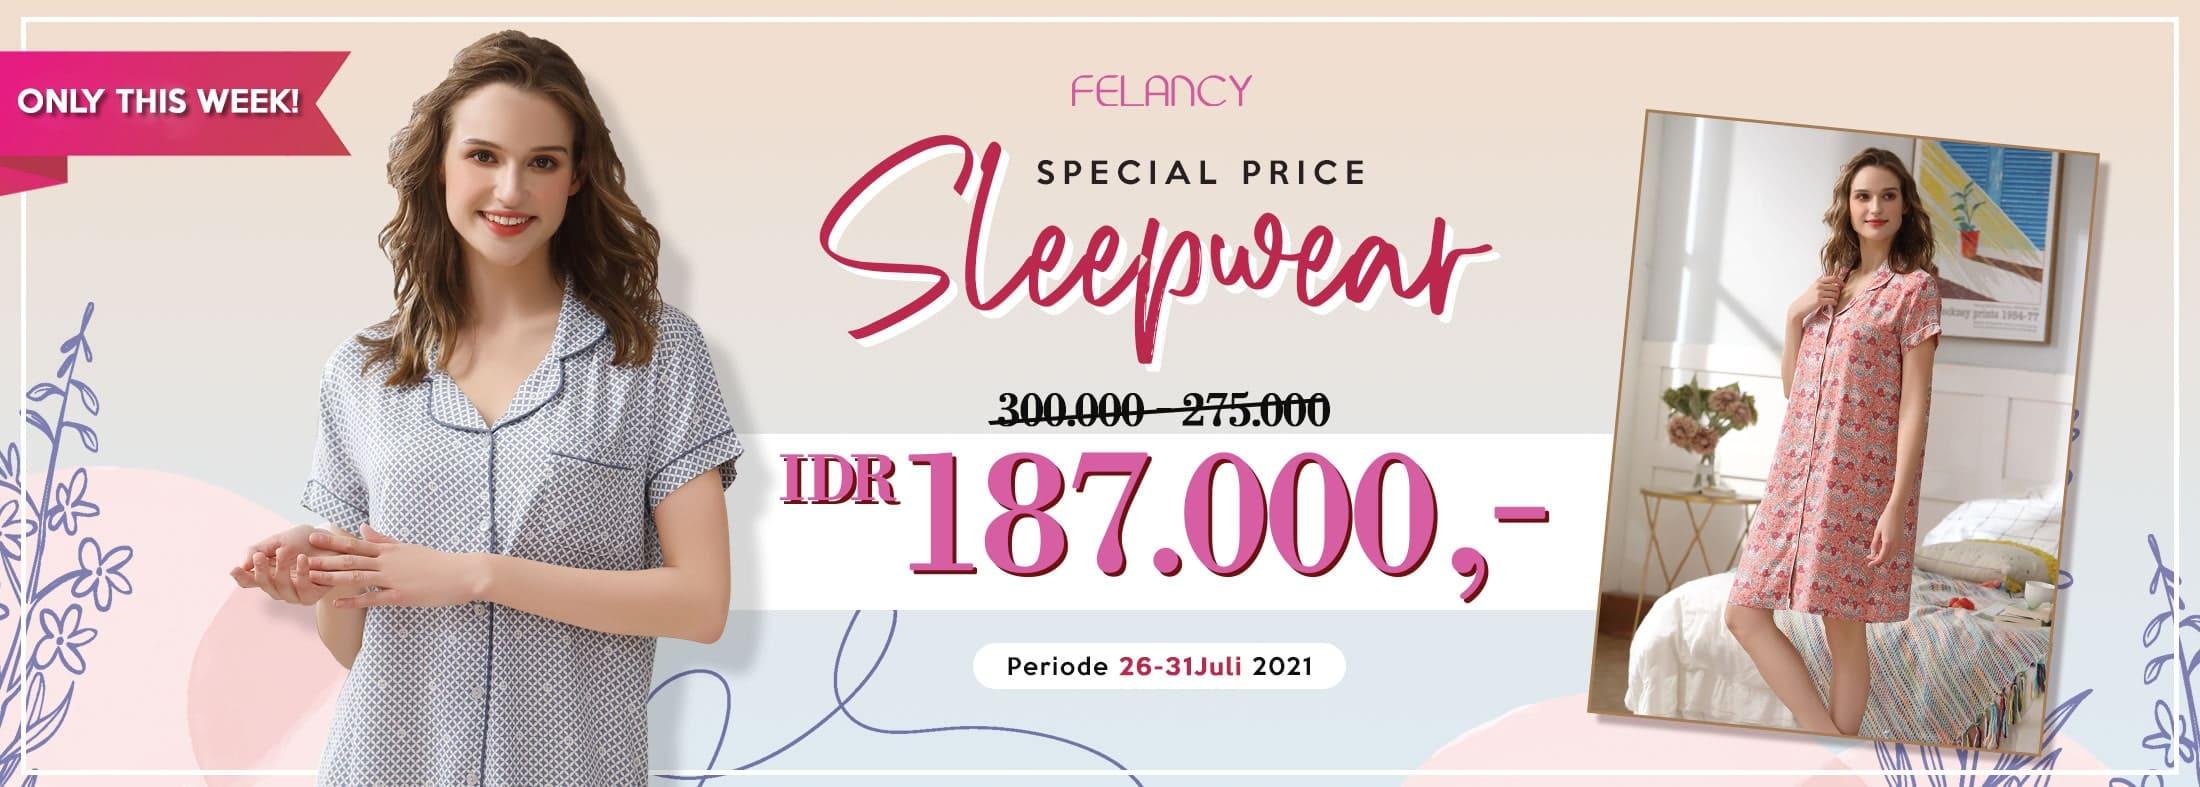 Special Sleepwear